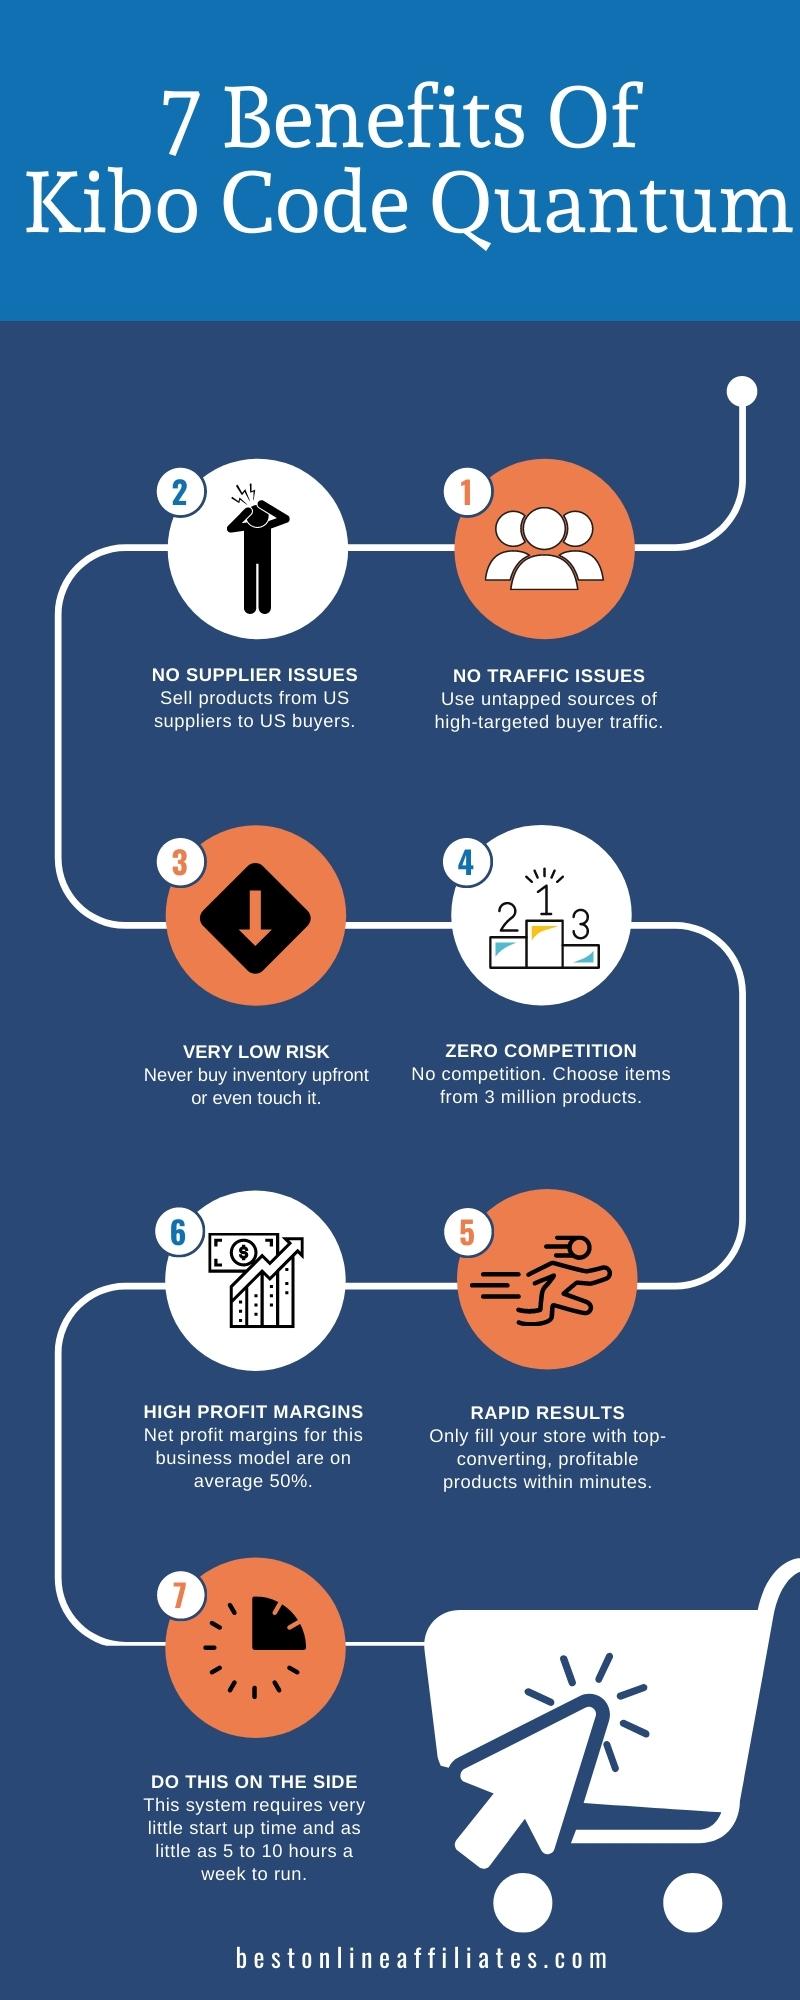 7 Benefits Of Kibo Code Quantum Reviewed